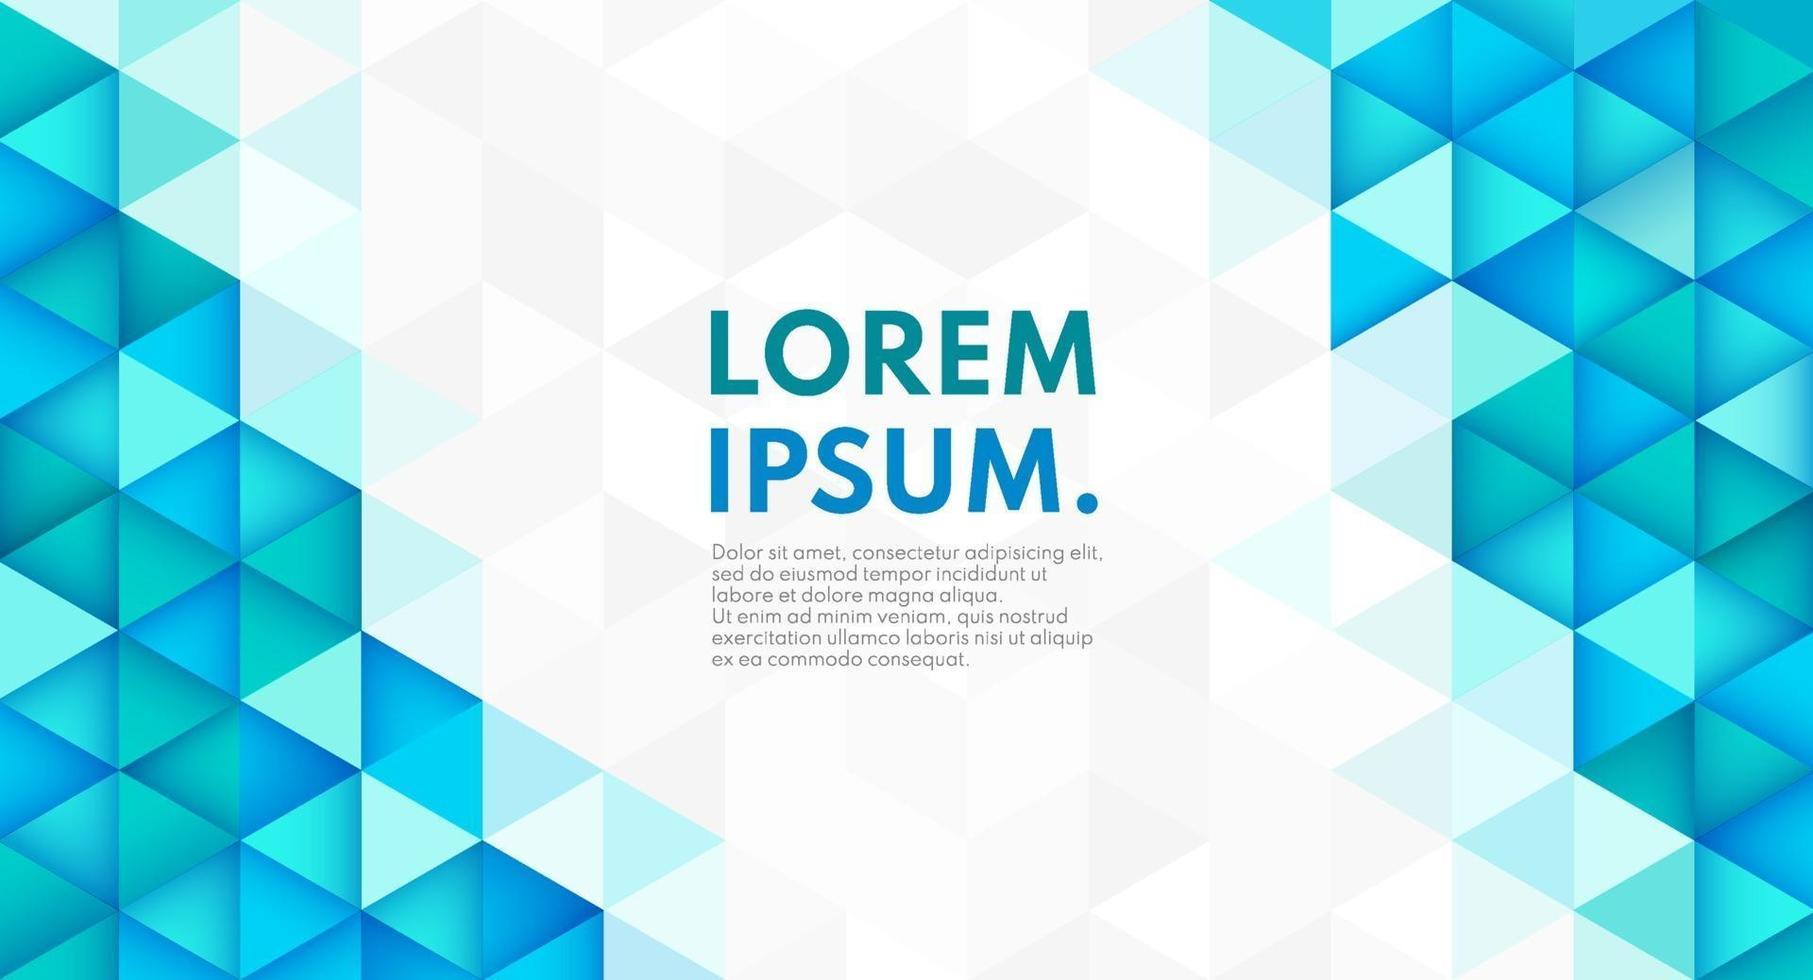 forma geométrica de cor na moda abstrata em fundo cinza branco com espaço de cópia. cor azul e verde do teste padrão da tecnologia futurista moderna. você pode usar como modelo, banner web. ilustração vetorial vetor